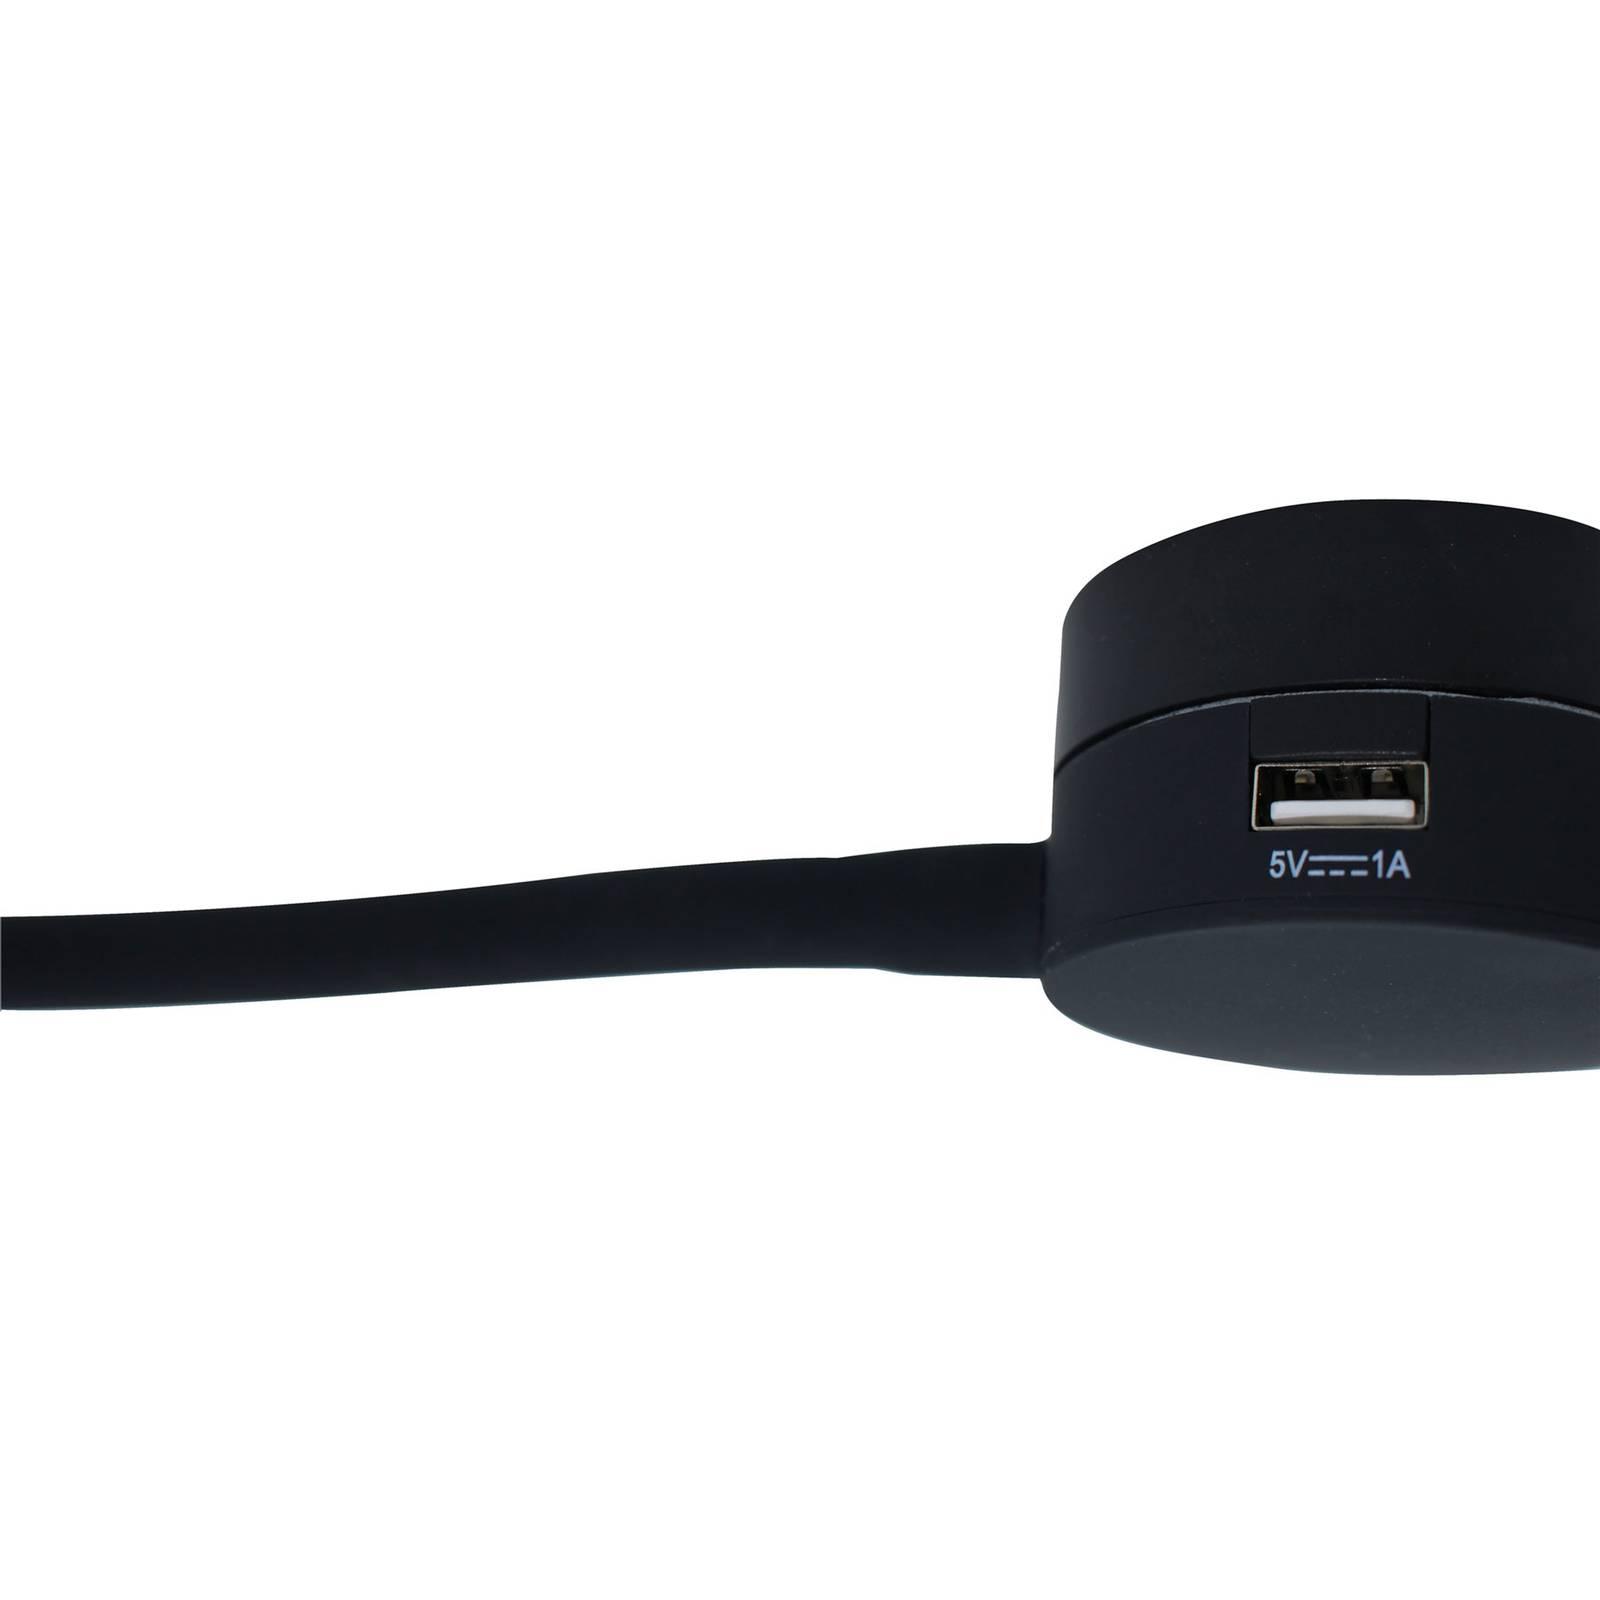 LED-seinävalaisin Suma, musta, USB